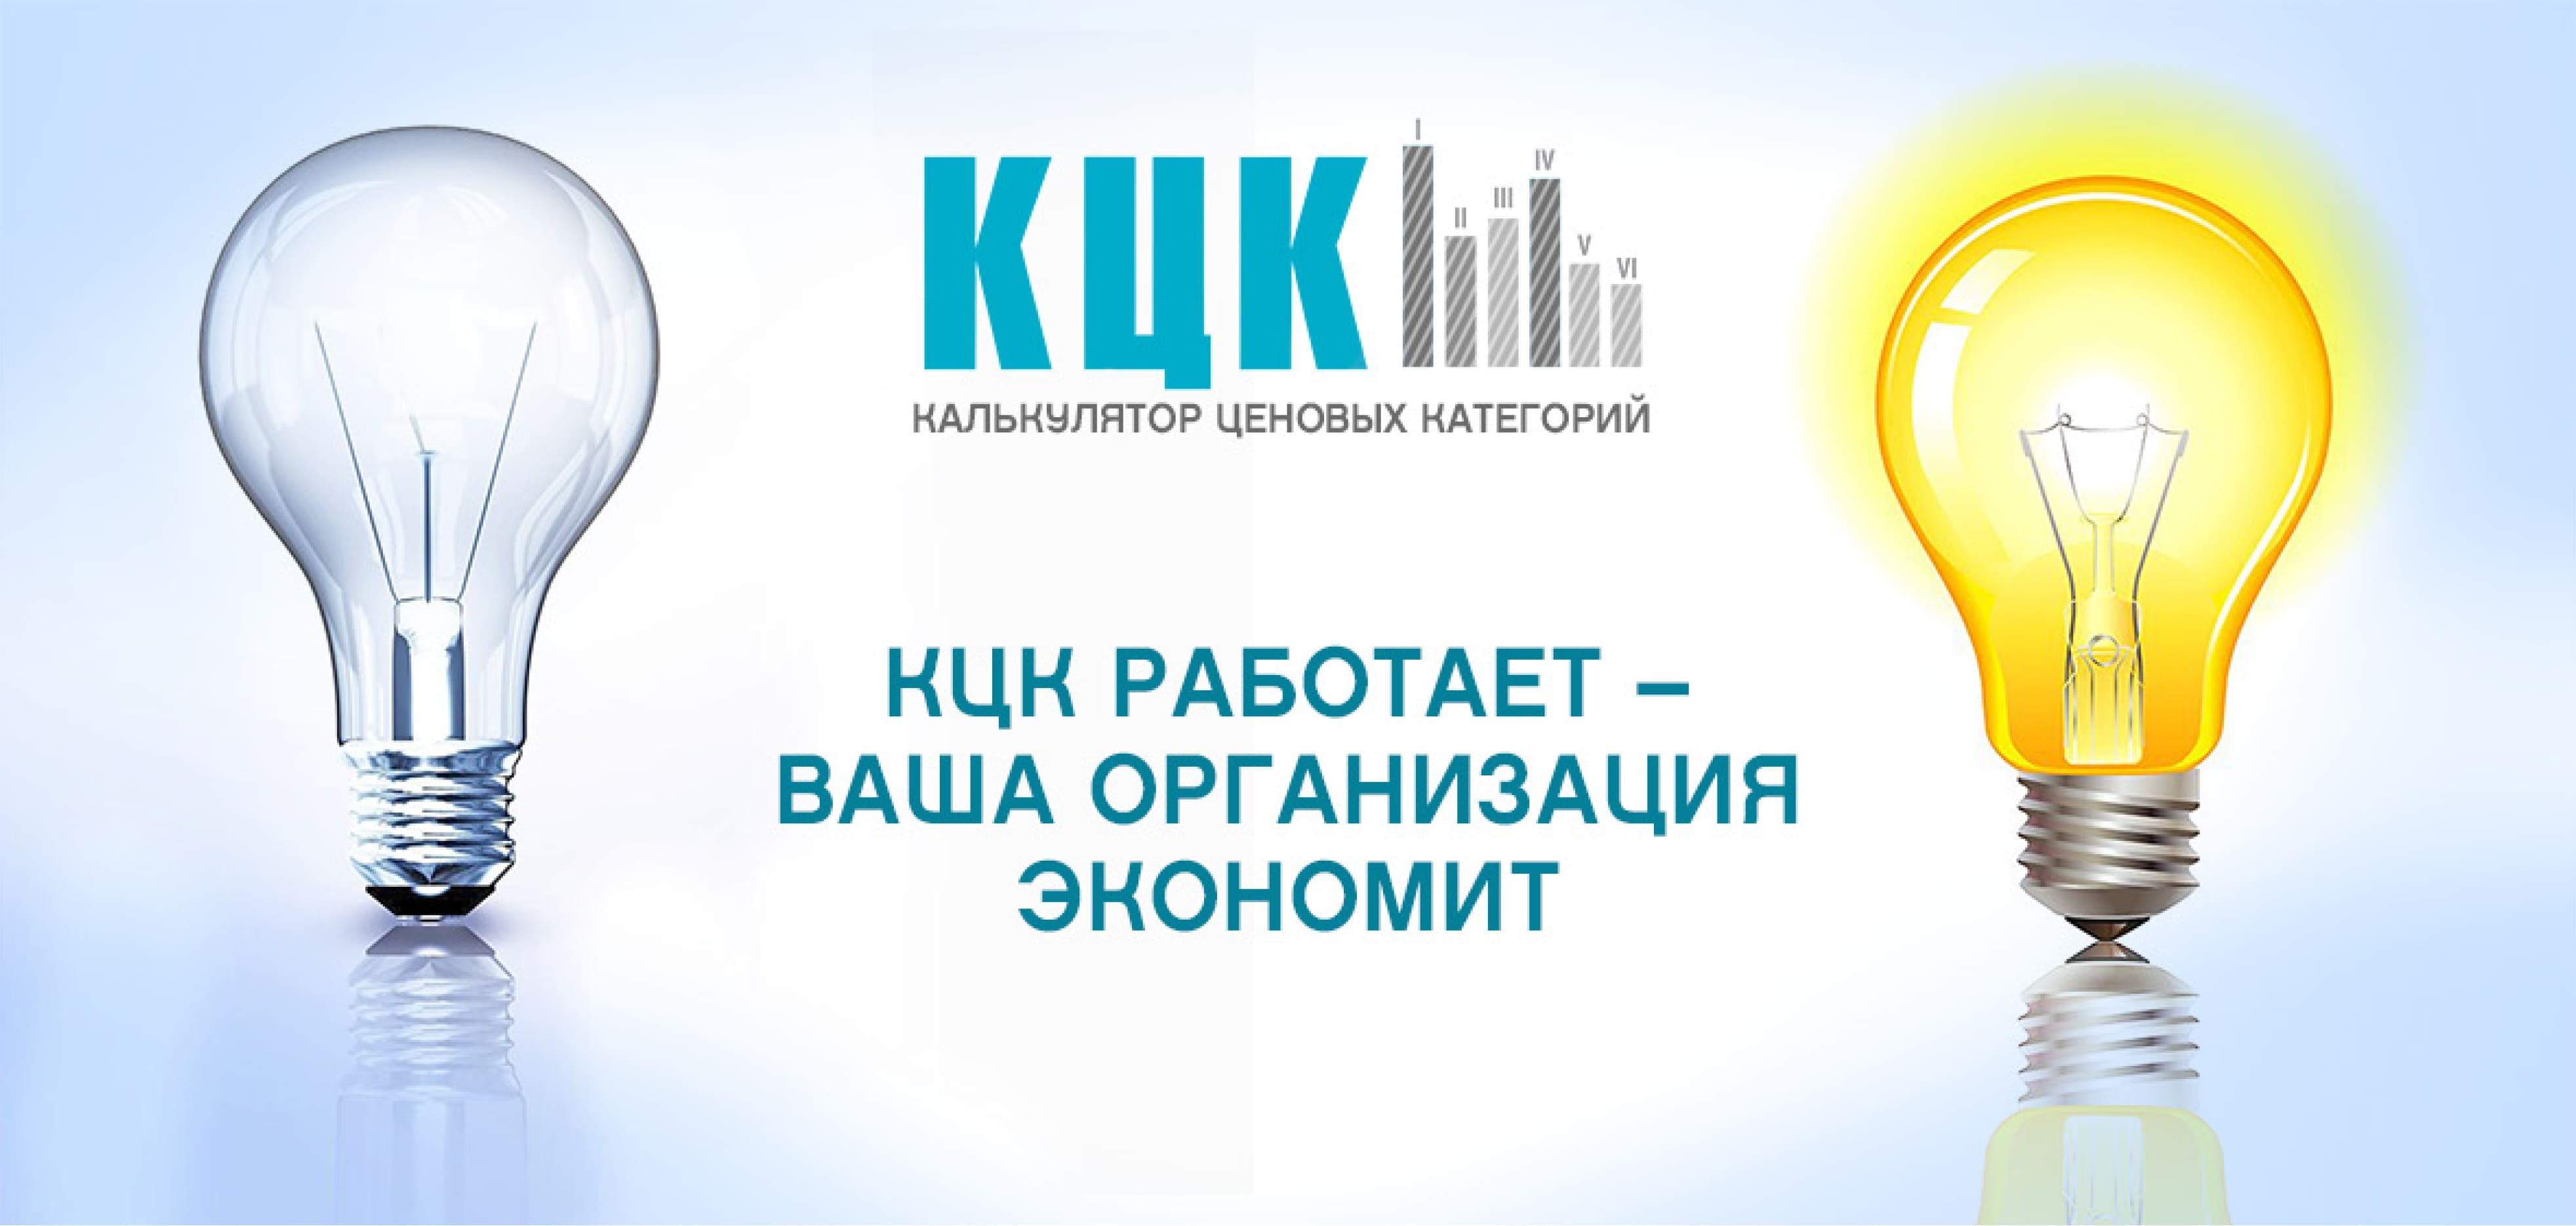 Калькулятор ценовых категорий (КЦК)